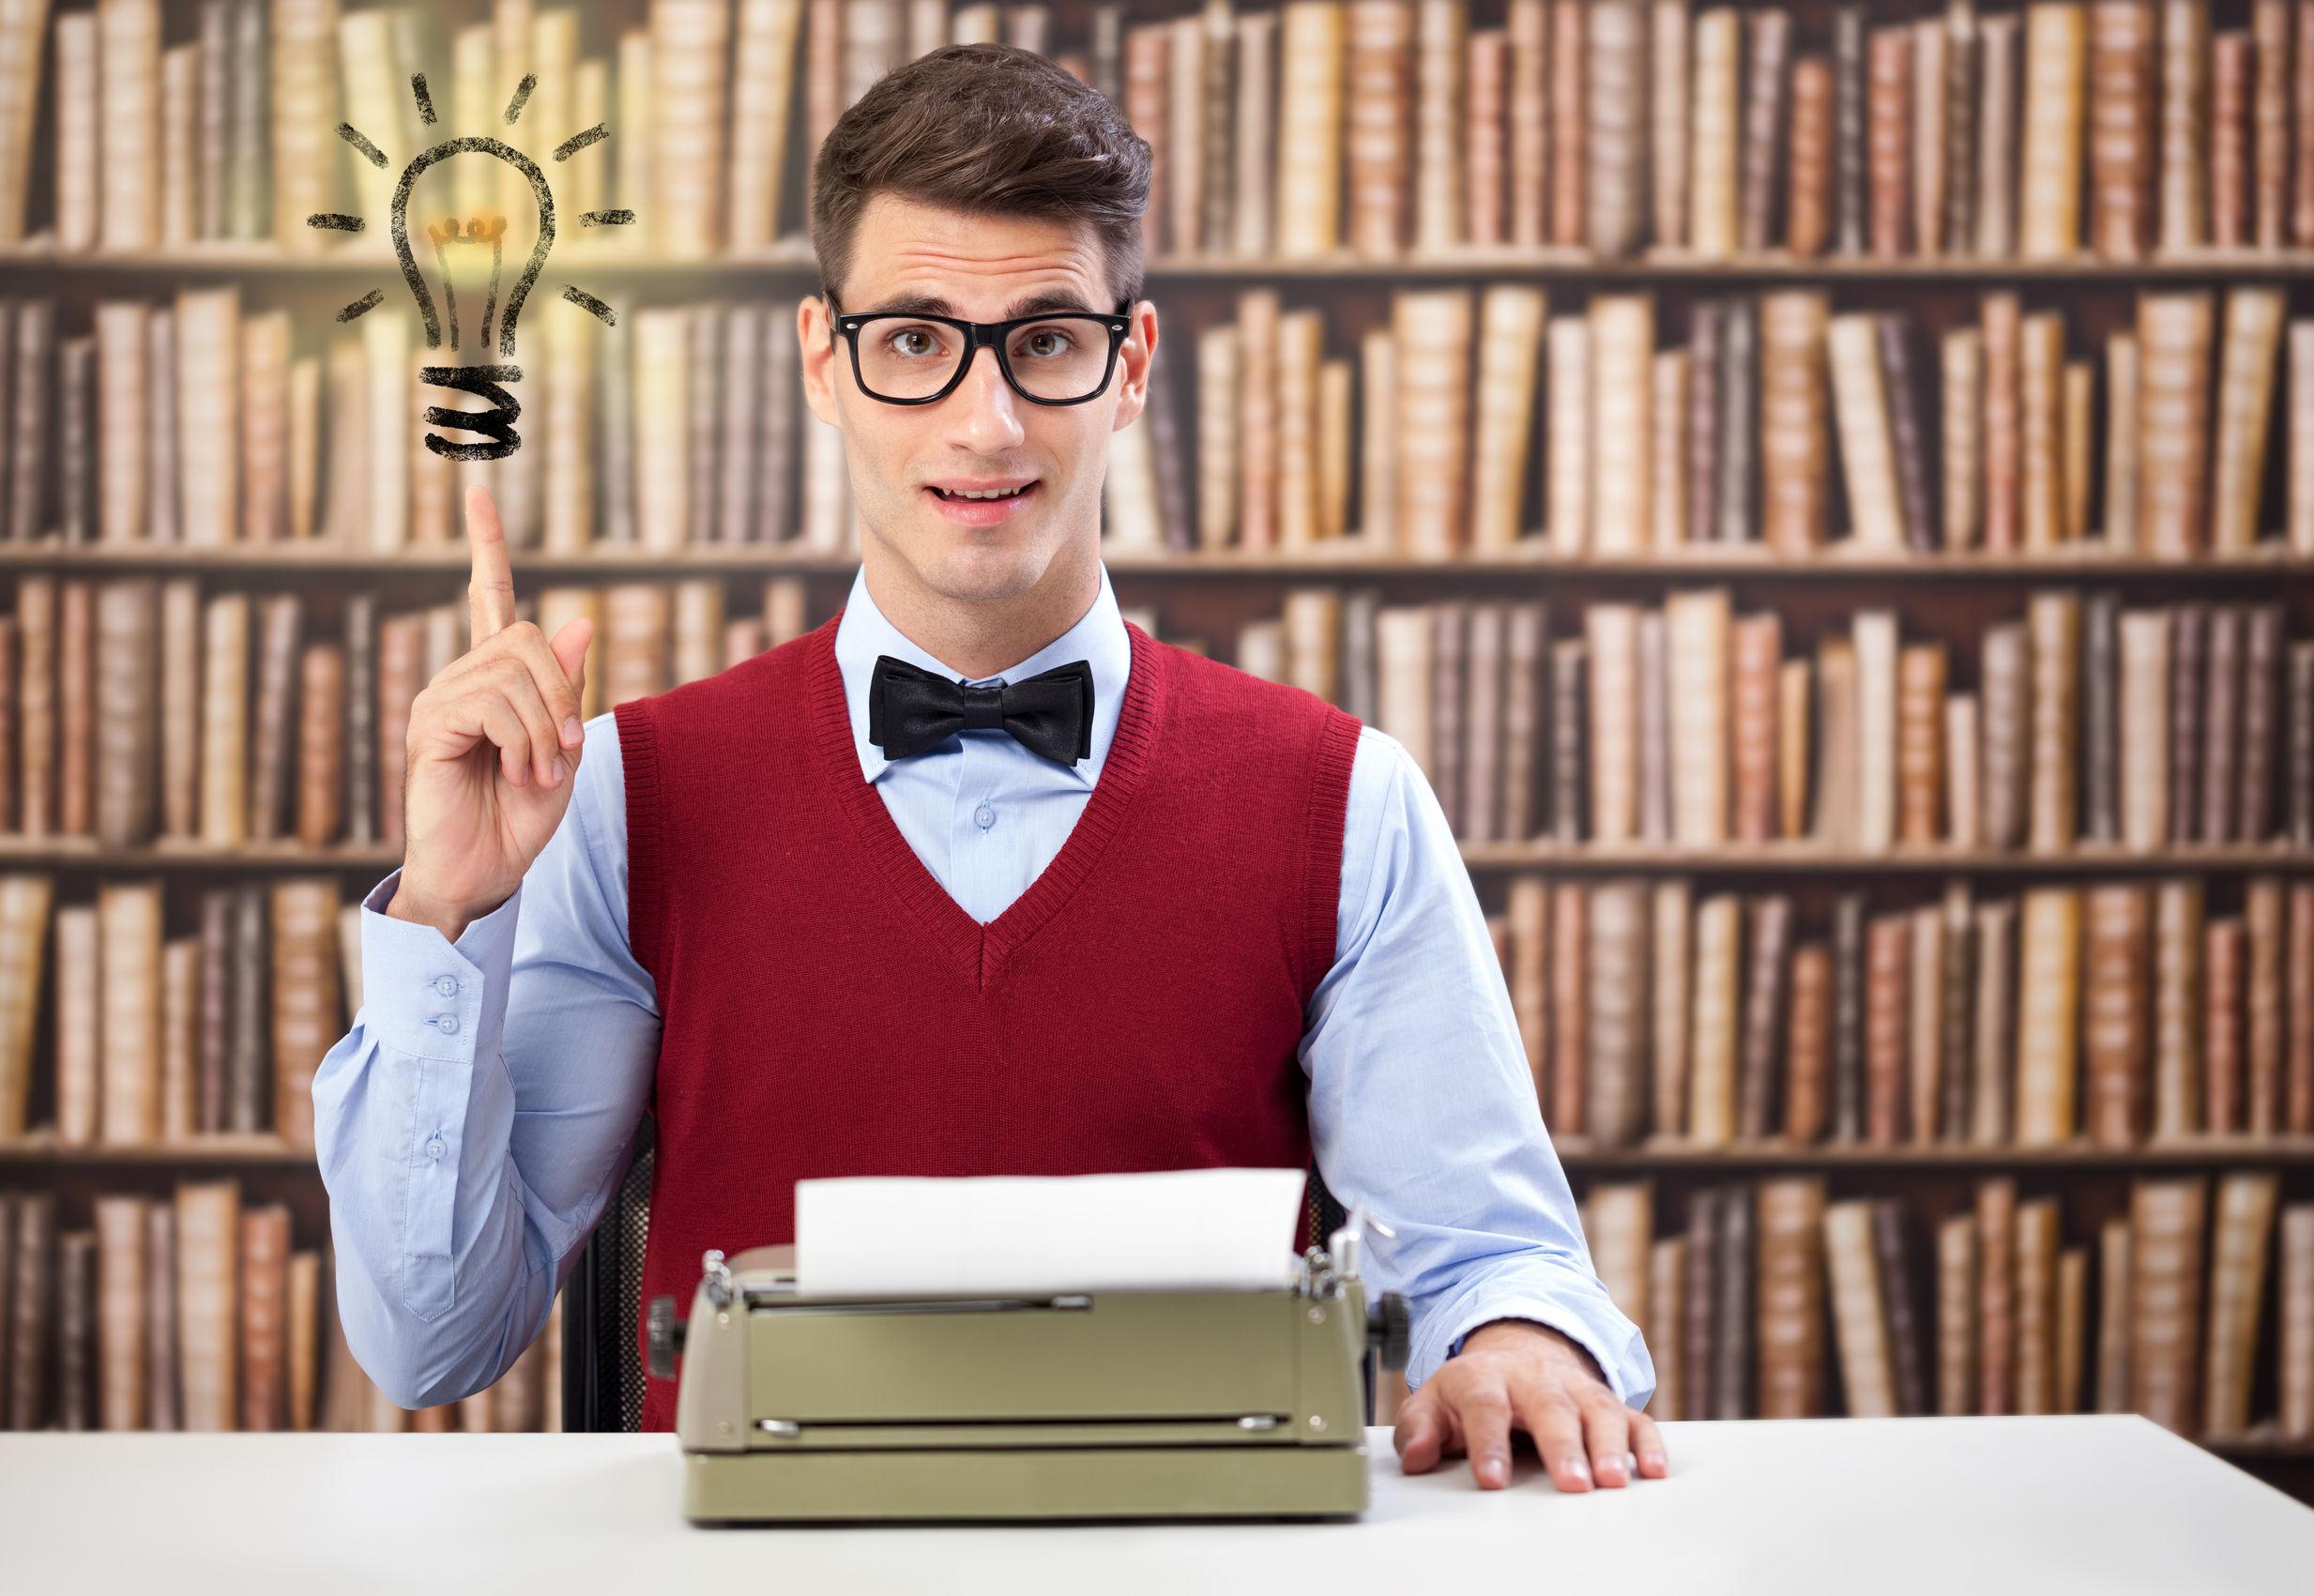 Writer guy at typewriter with idea.jpg